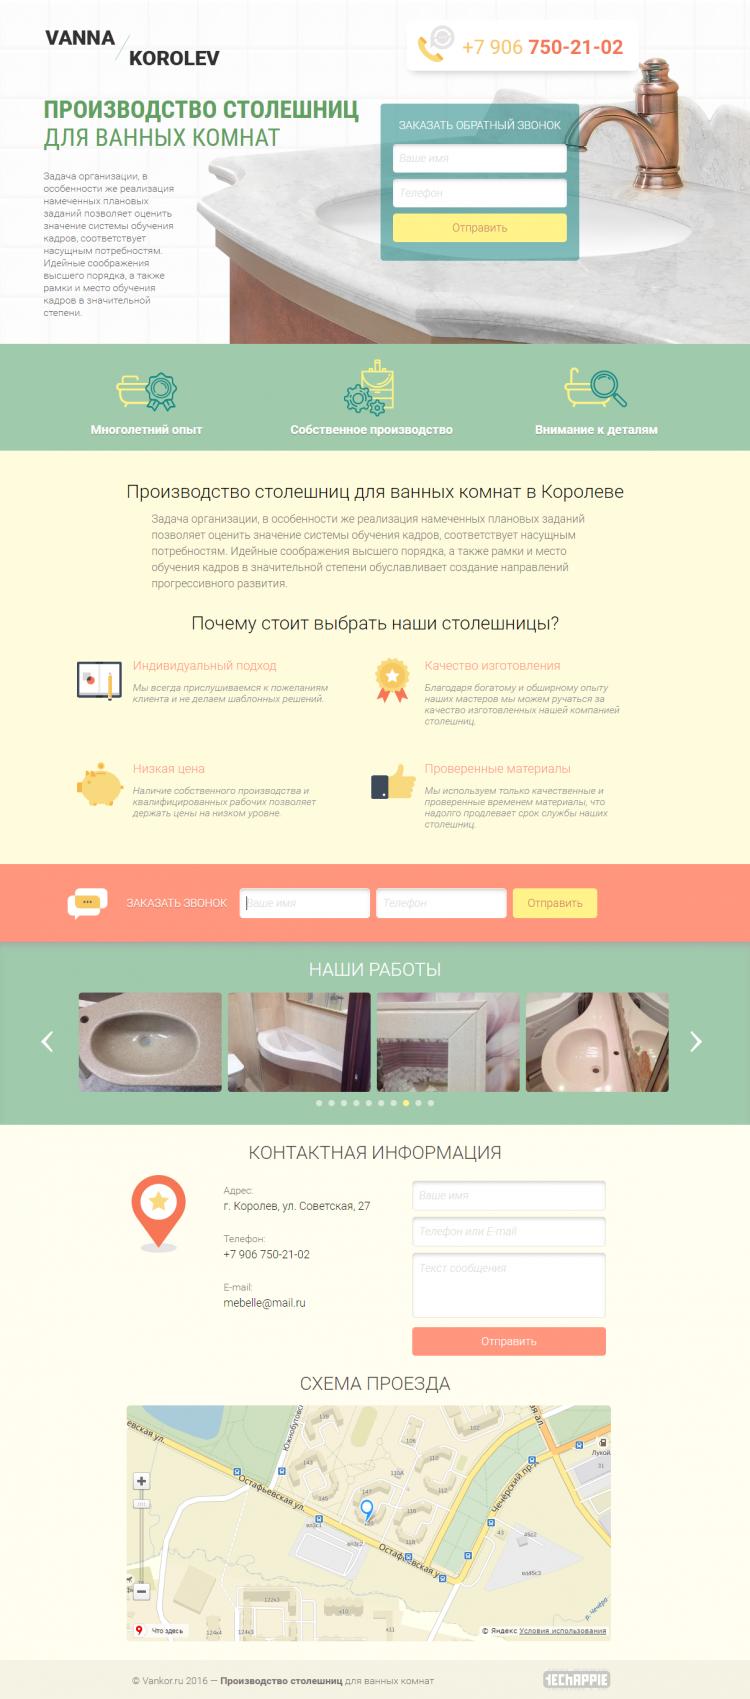 Vanna-korolev.ru — производство столешниц